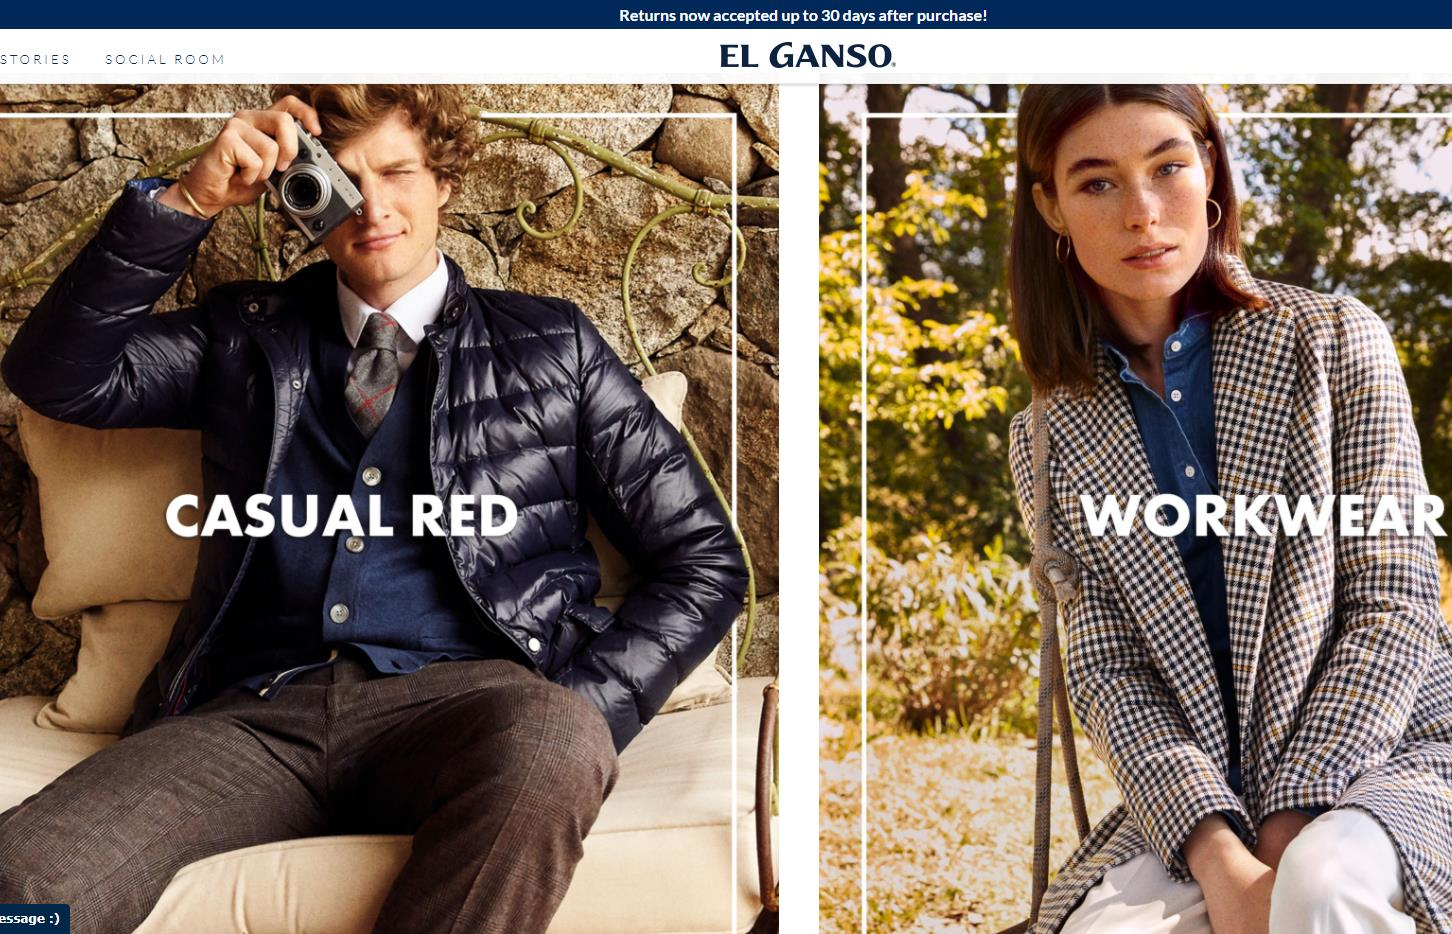 西班牙时尚品牌 El Ganso 创始人家族从私募基金 L Catterton 手中购回全部股权